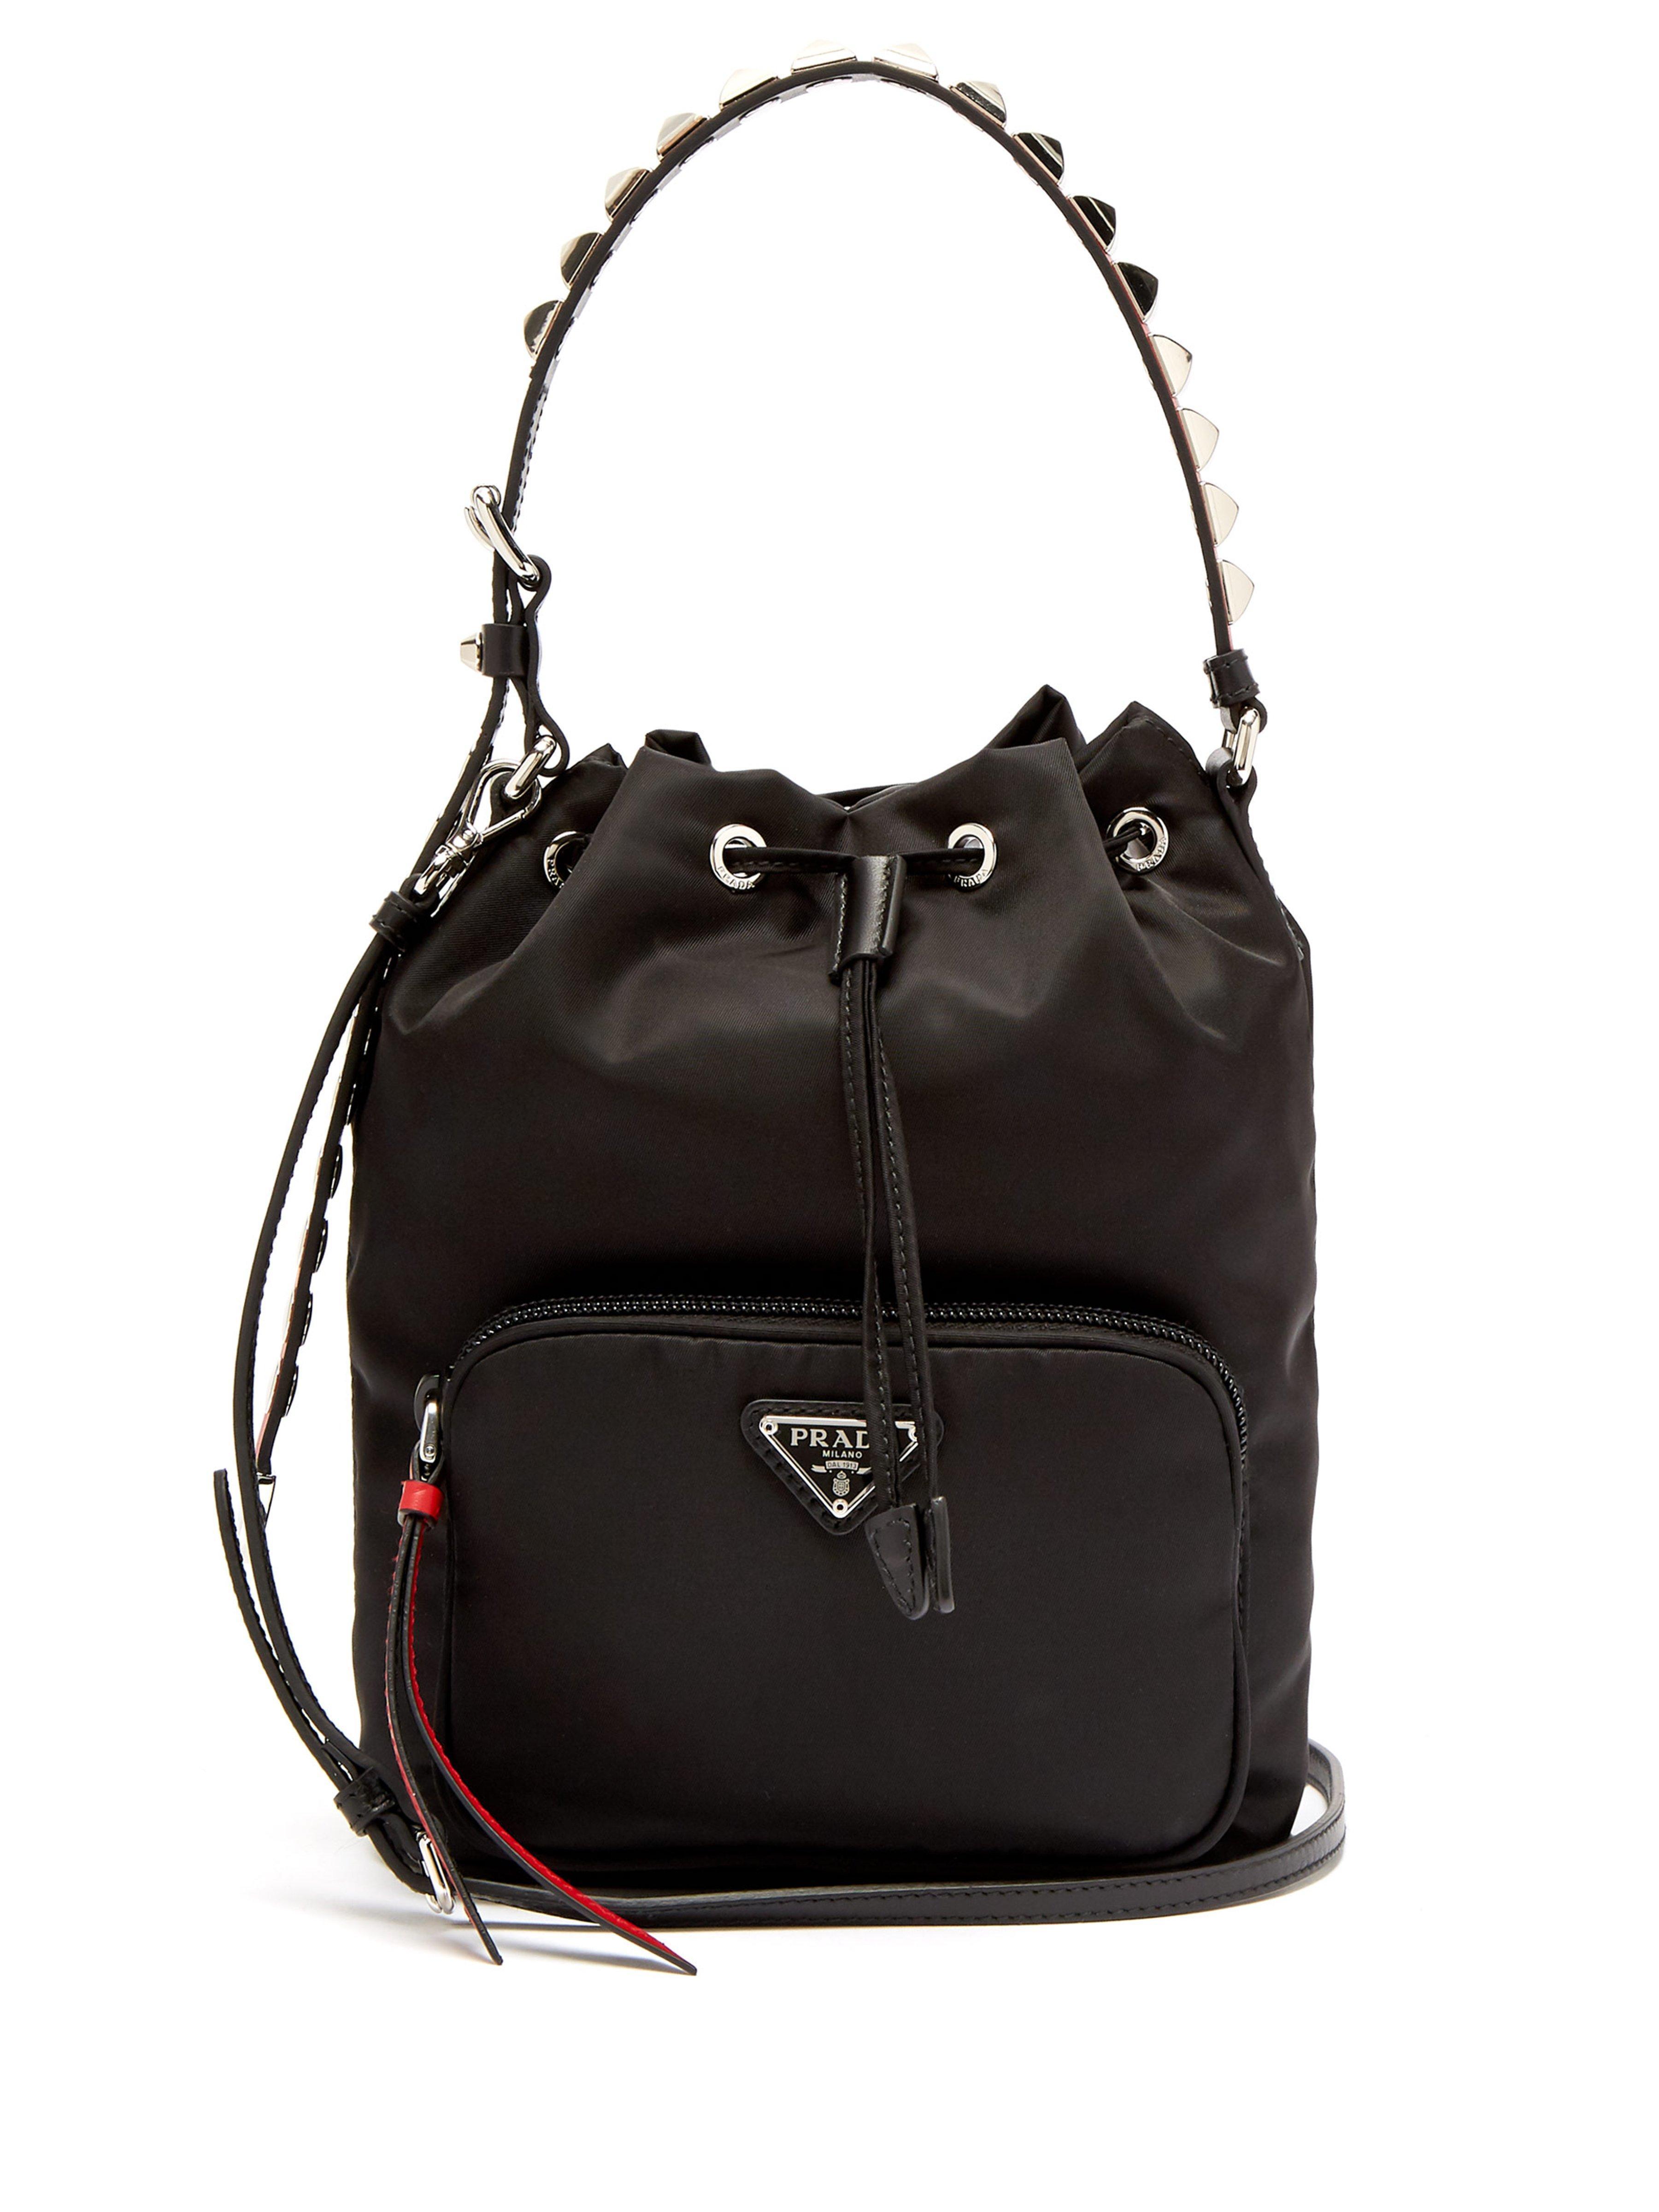 Prada New Vela Studded Nylon Bucket Bag in Black - Lyst e18f1de561a61